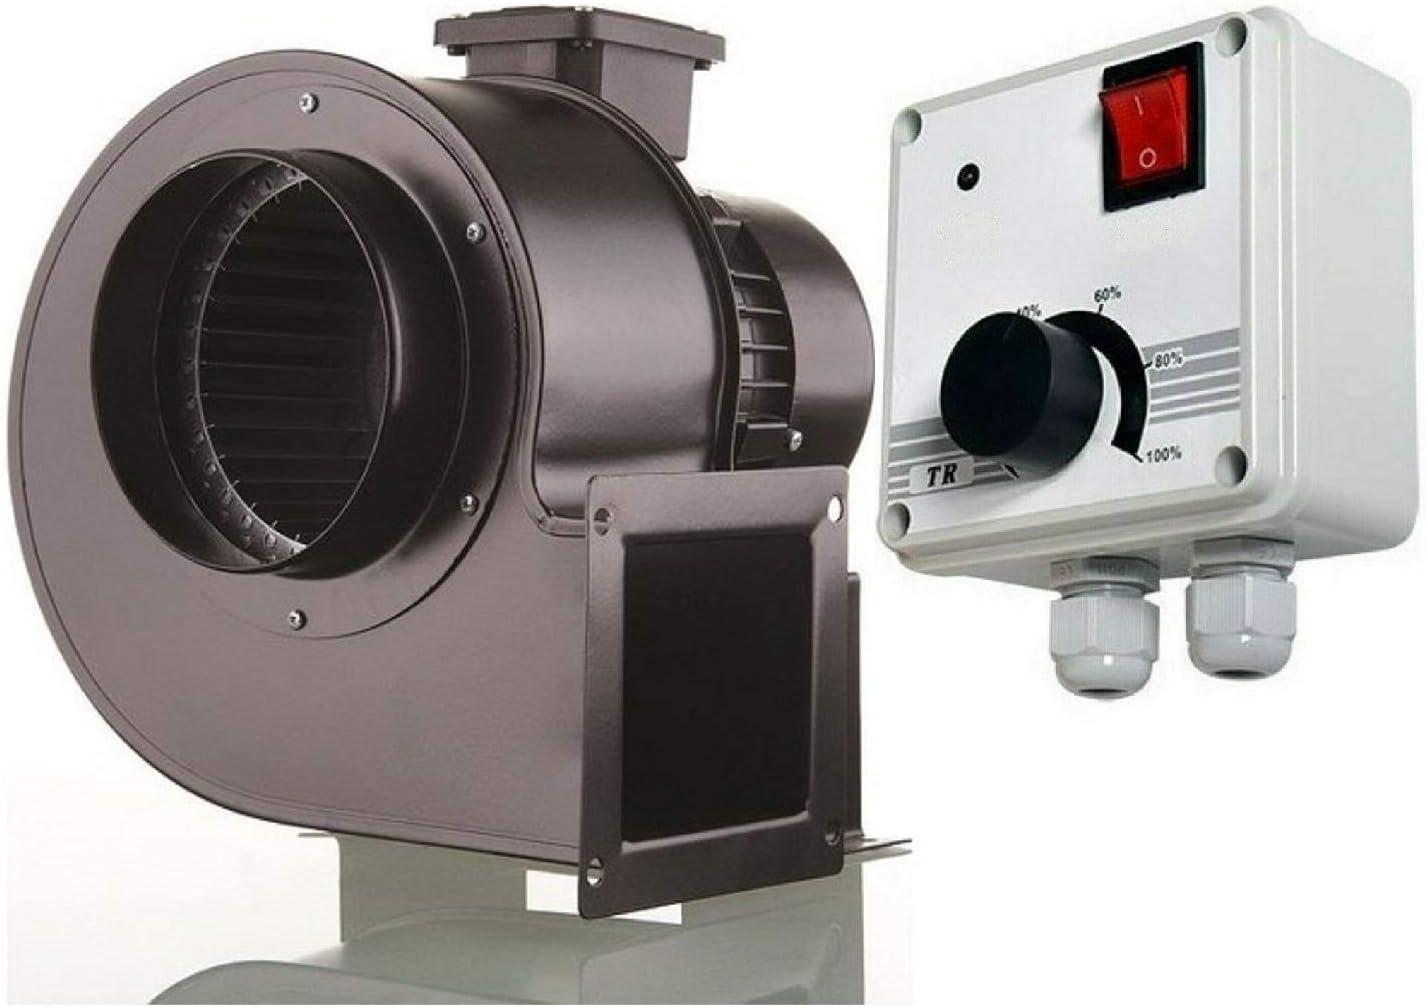 OBR260 Ventilador Ventilación Extractor Ventiladores ventiladore industriales extractores centrifugo aspiracion centrifuge extractor